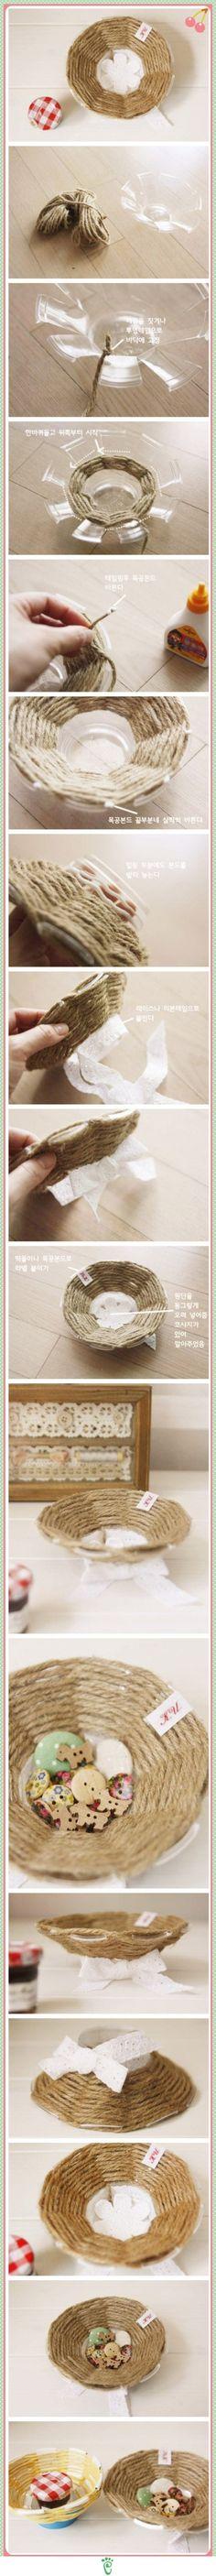 DIY Plastic Cup Rope Bowl DIY Plastic Cup Rope Bowl by diyforever